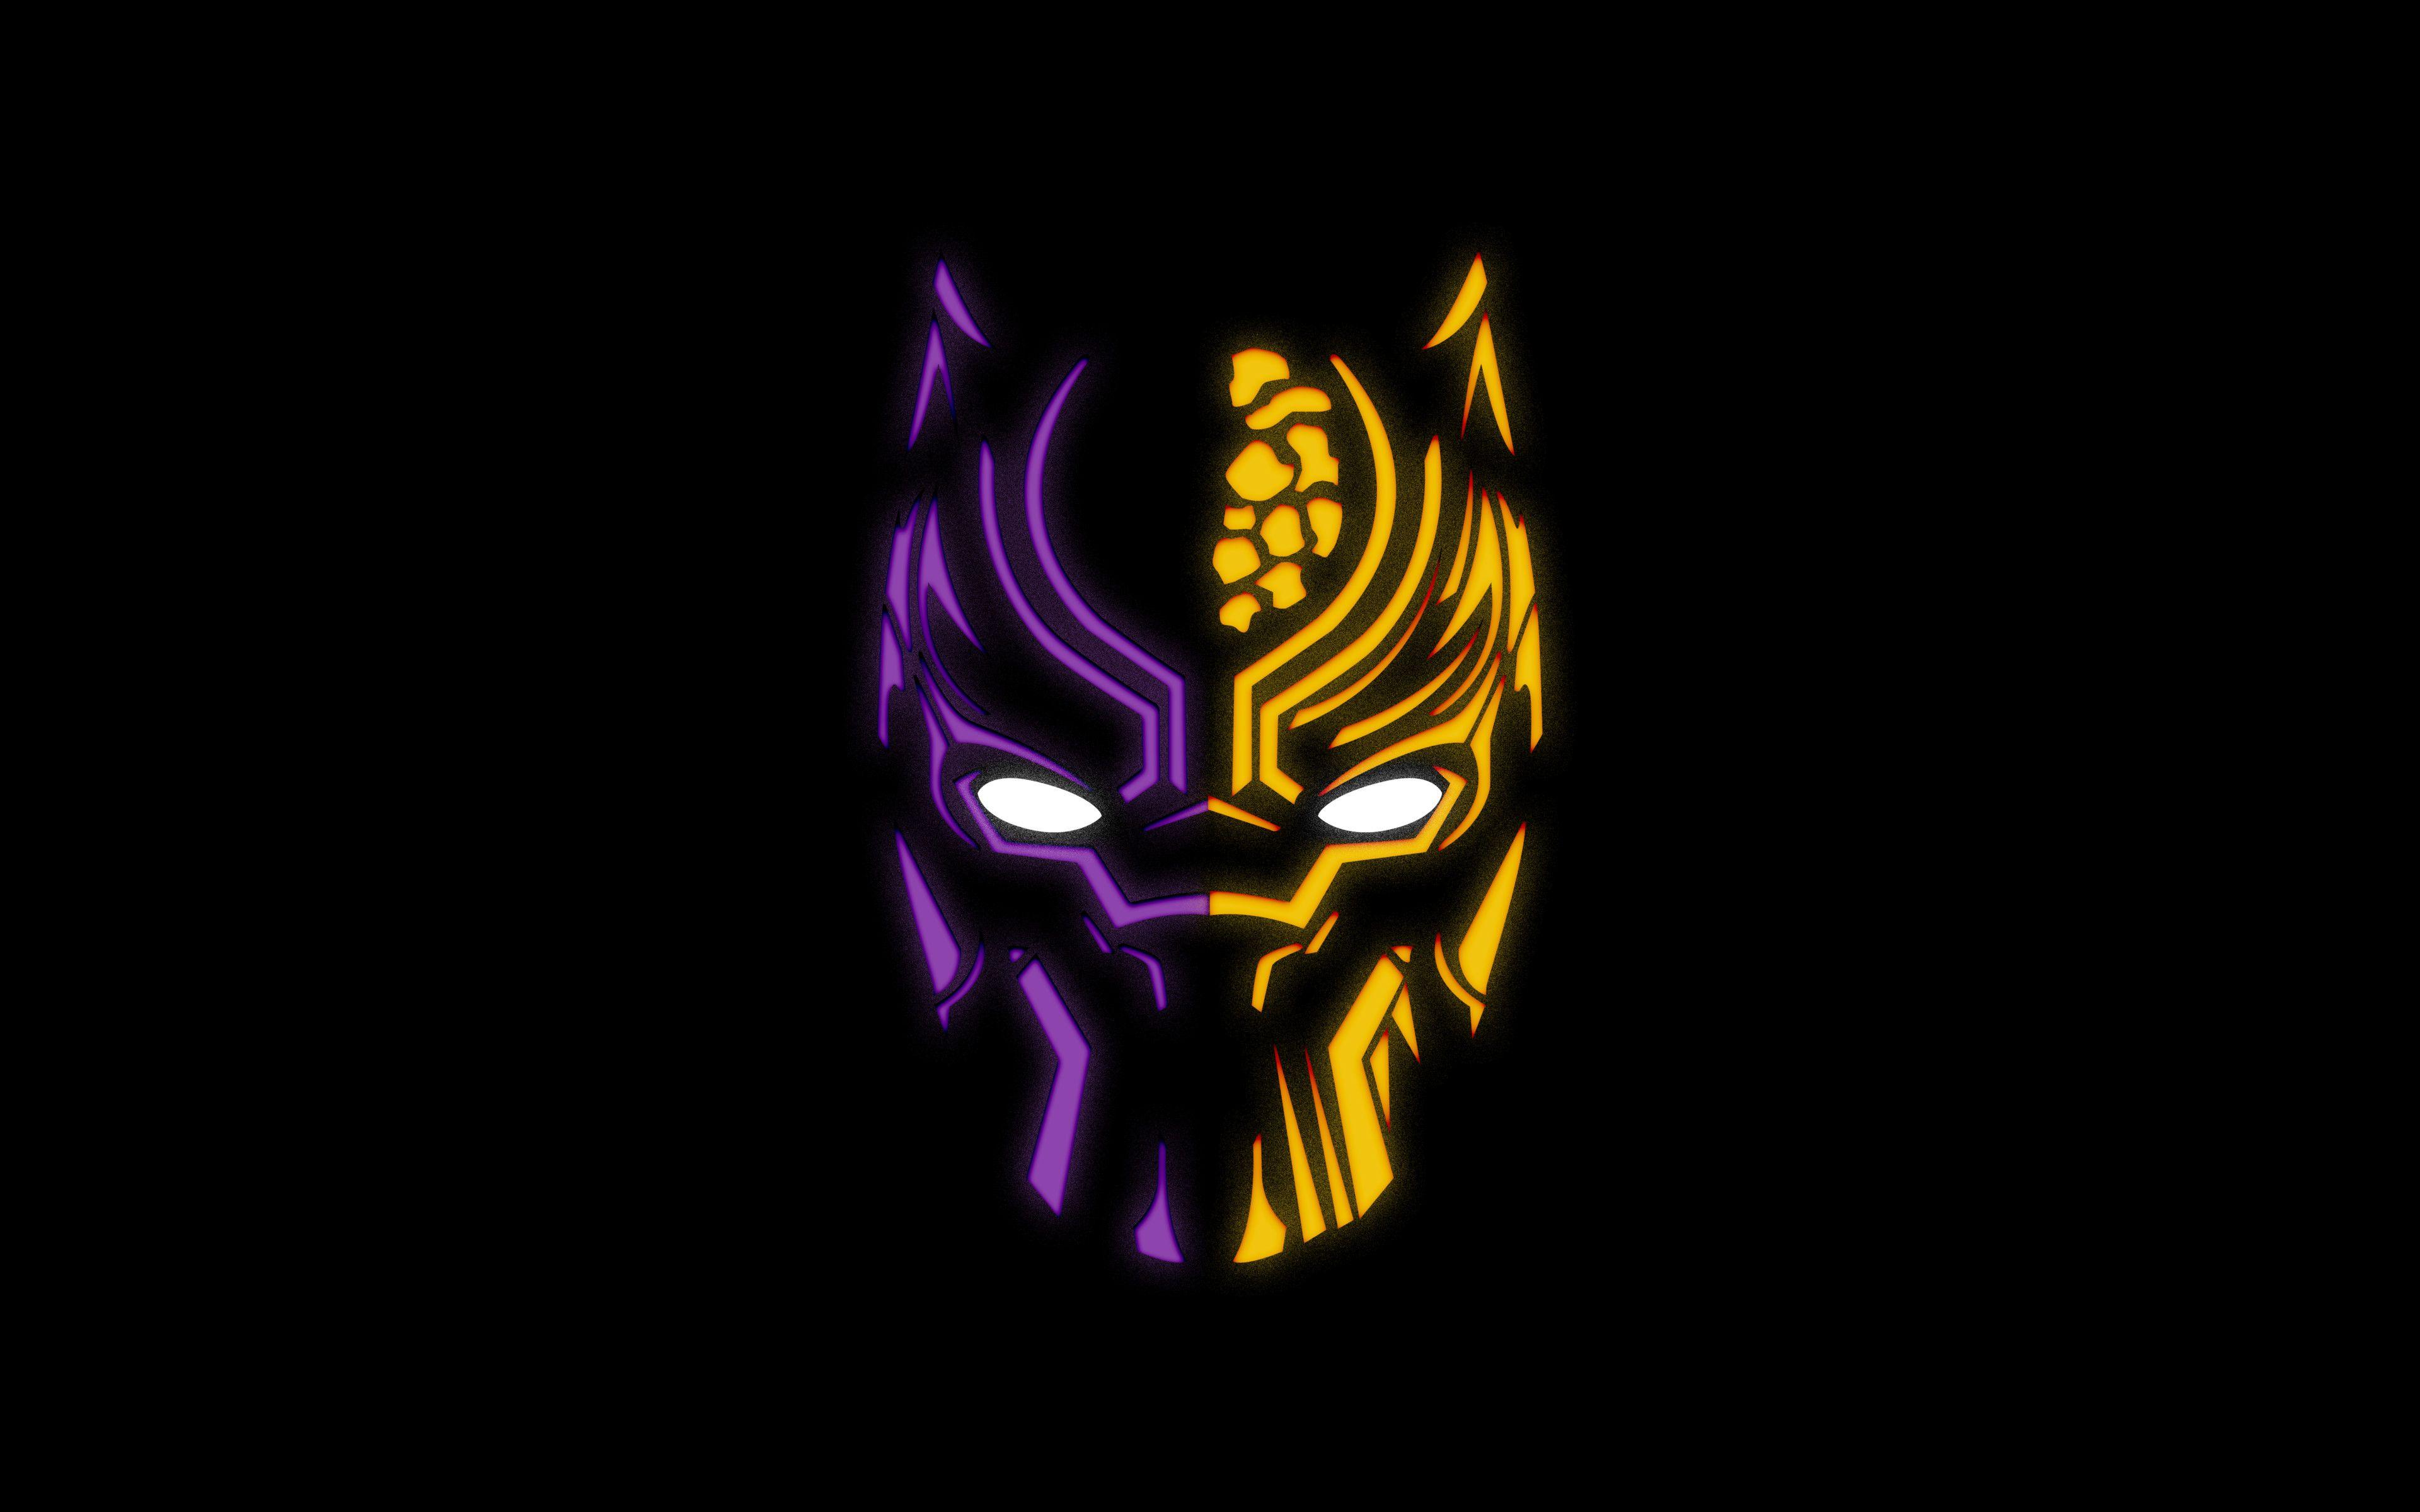 Image Result For Black Panther Wallpaper 4k Black Panther Hd Wallpaper Black Panther Art Black Panther